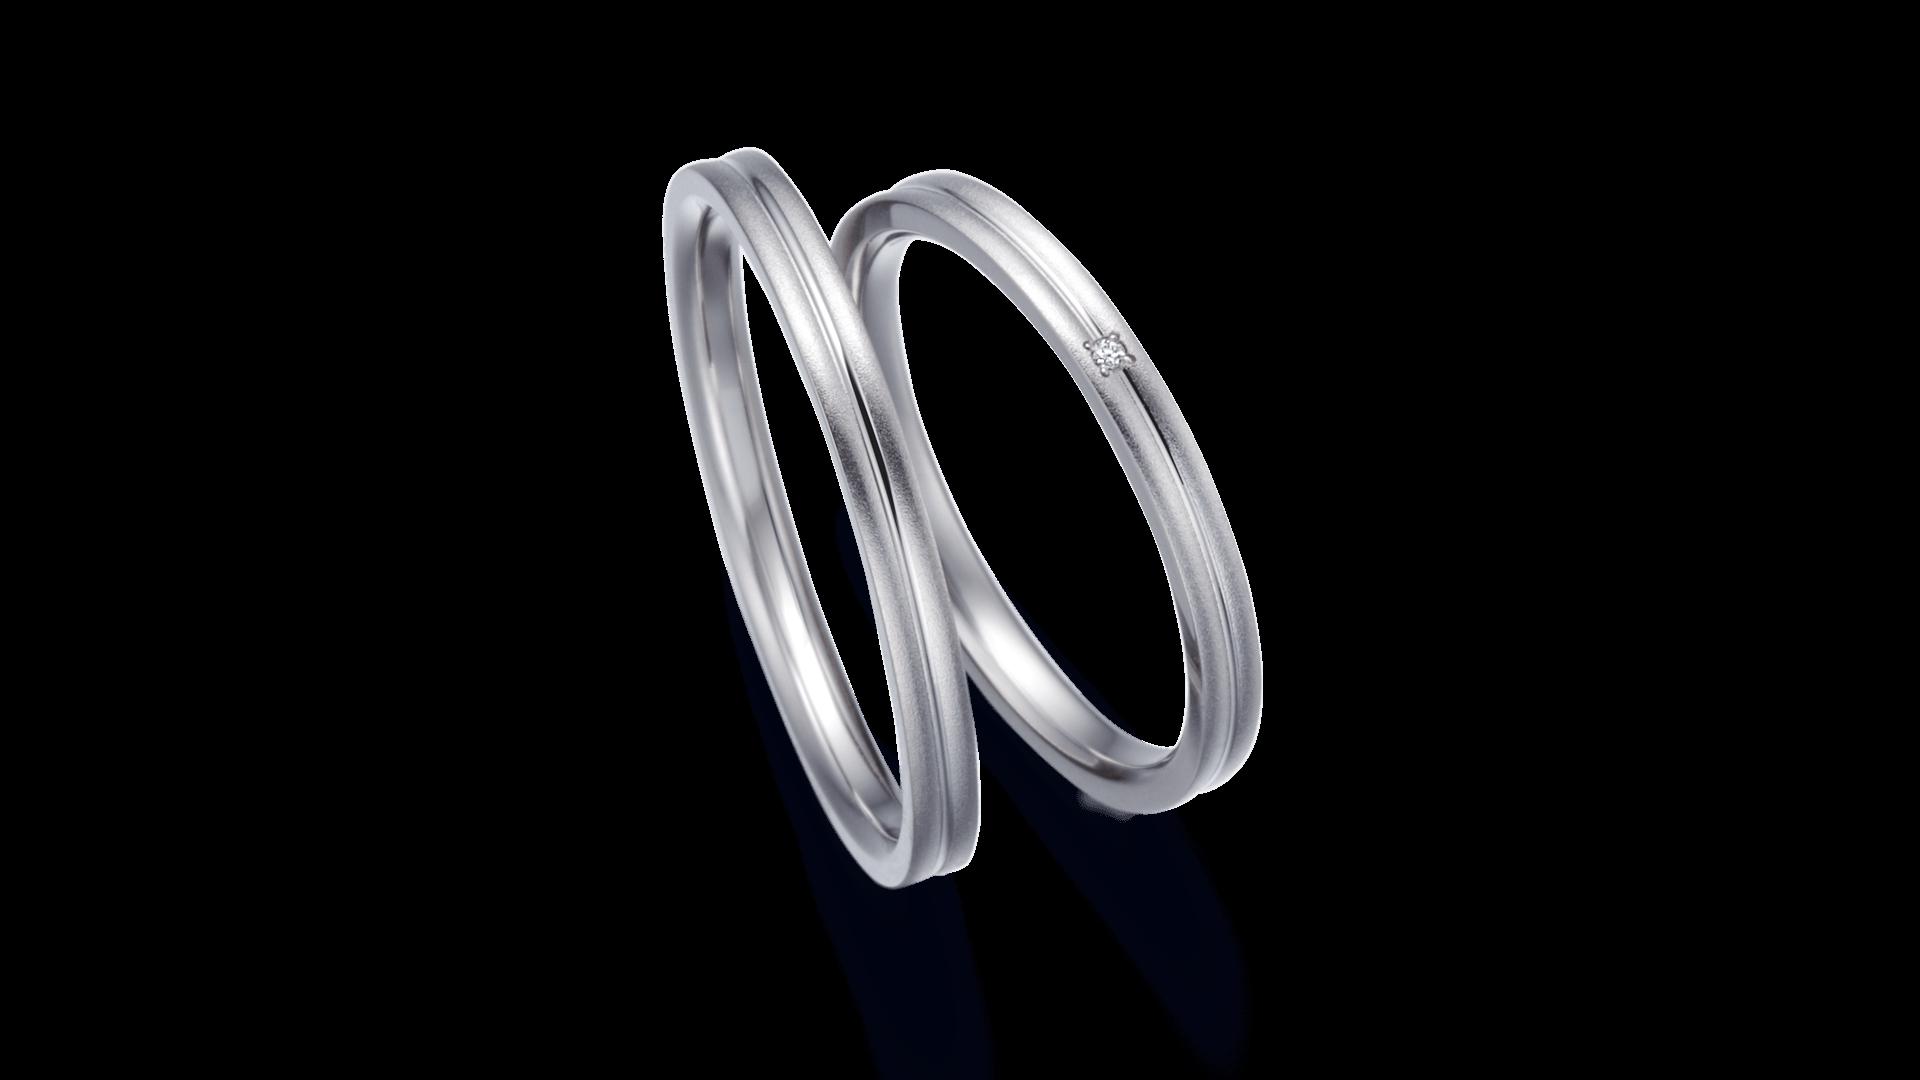 dryas ドリアス | 結婚指輪サムネイル 2